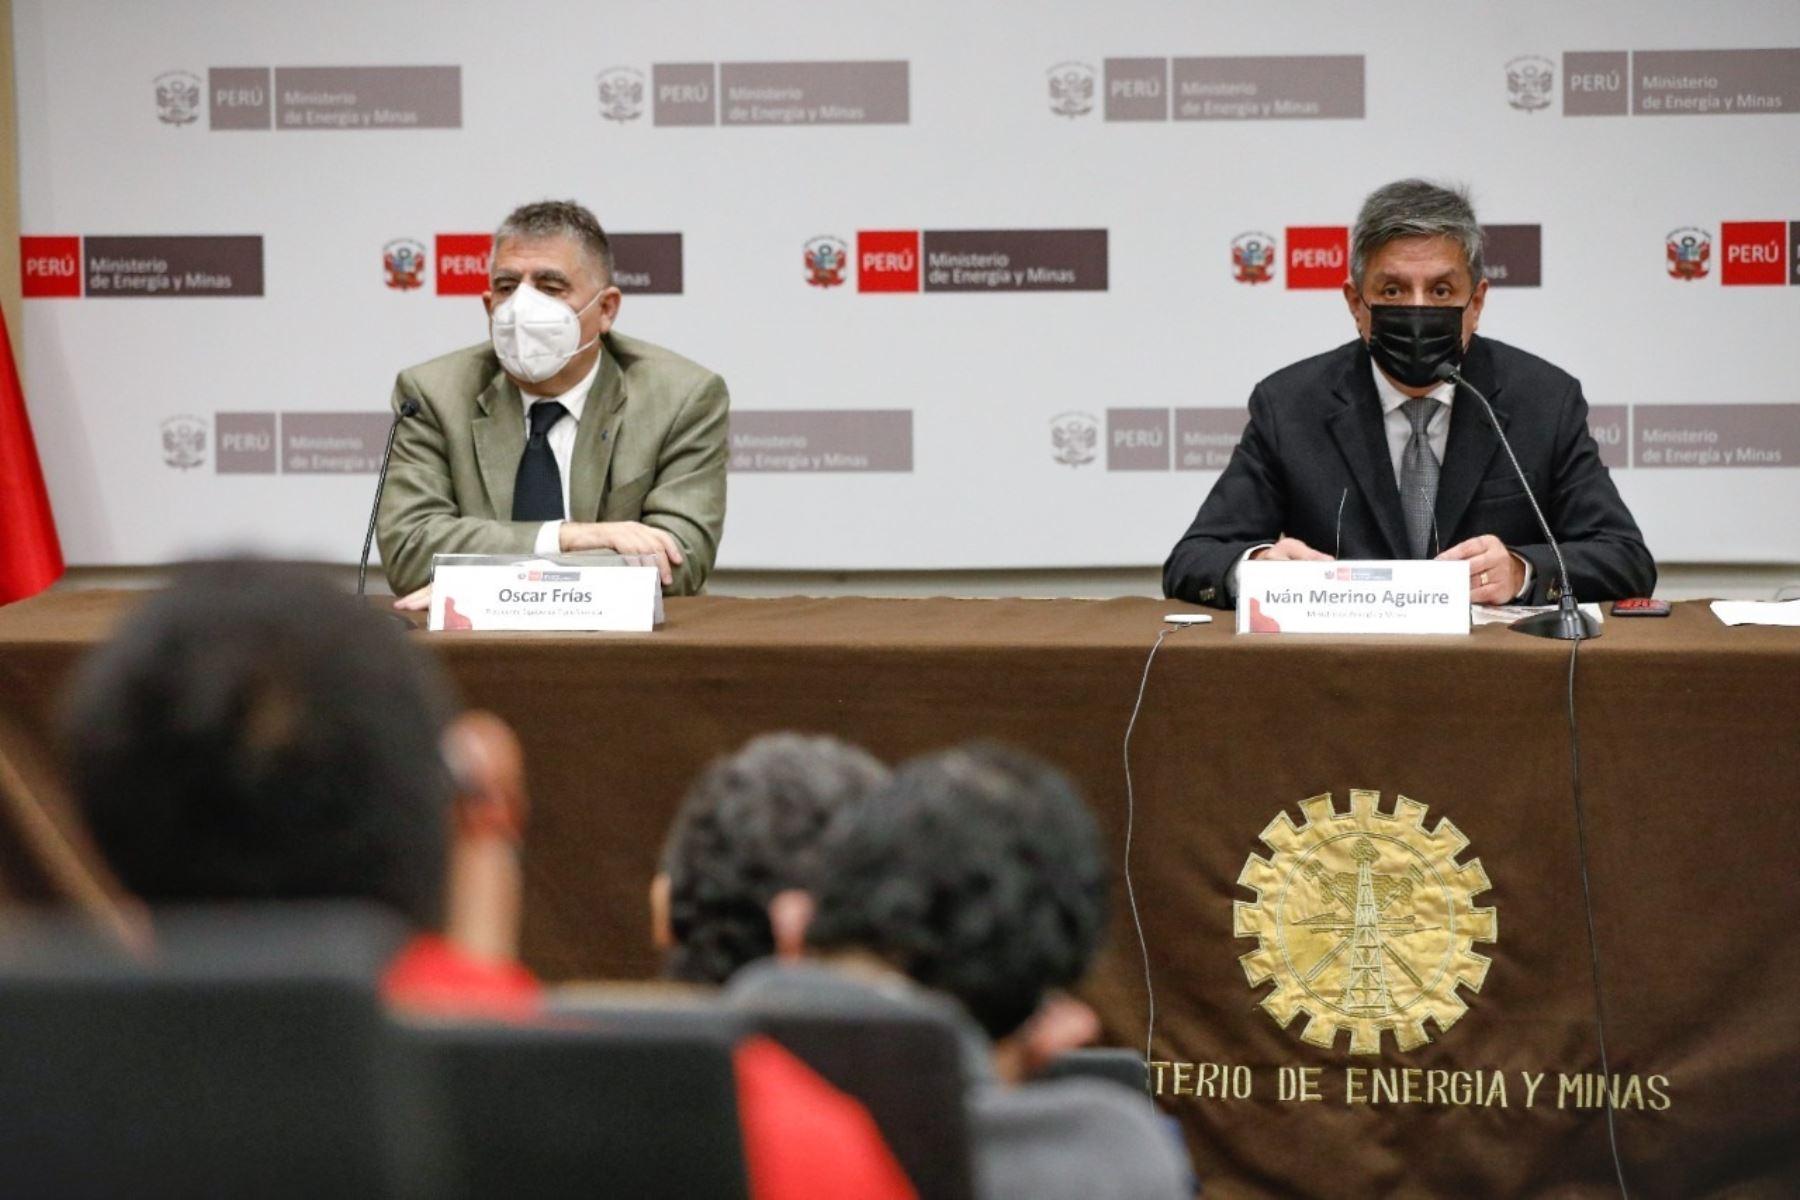 Ministro de Energía y Mina, Iván Merino (derecha) expone ante personal de su portafolio ministerial. Foto: Cortesía.